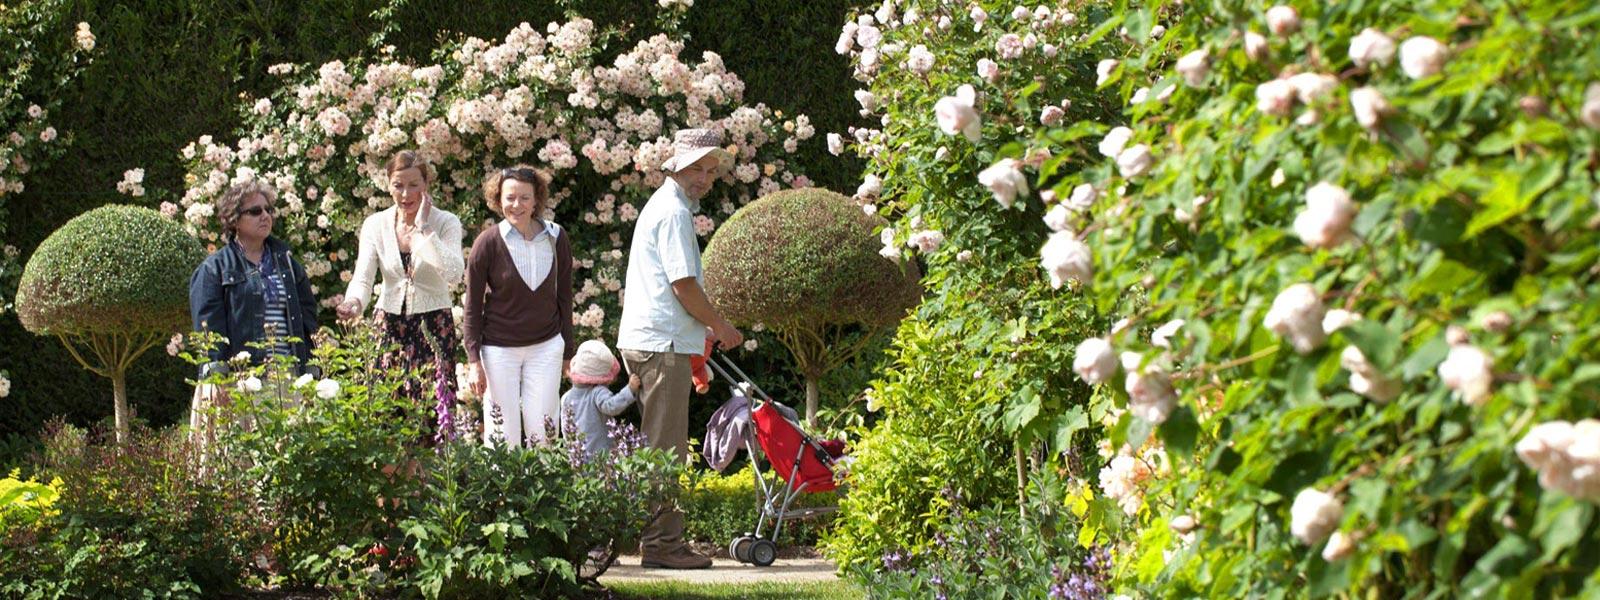 chateau-et-jardins-de-la-ballue-003